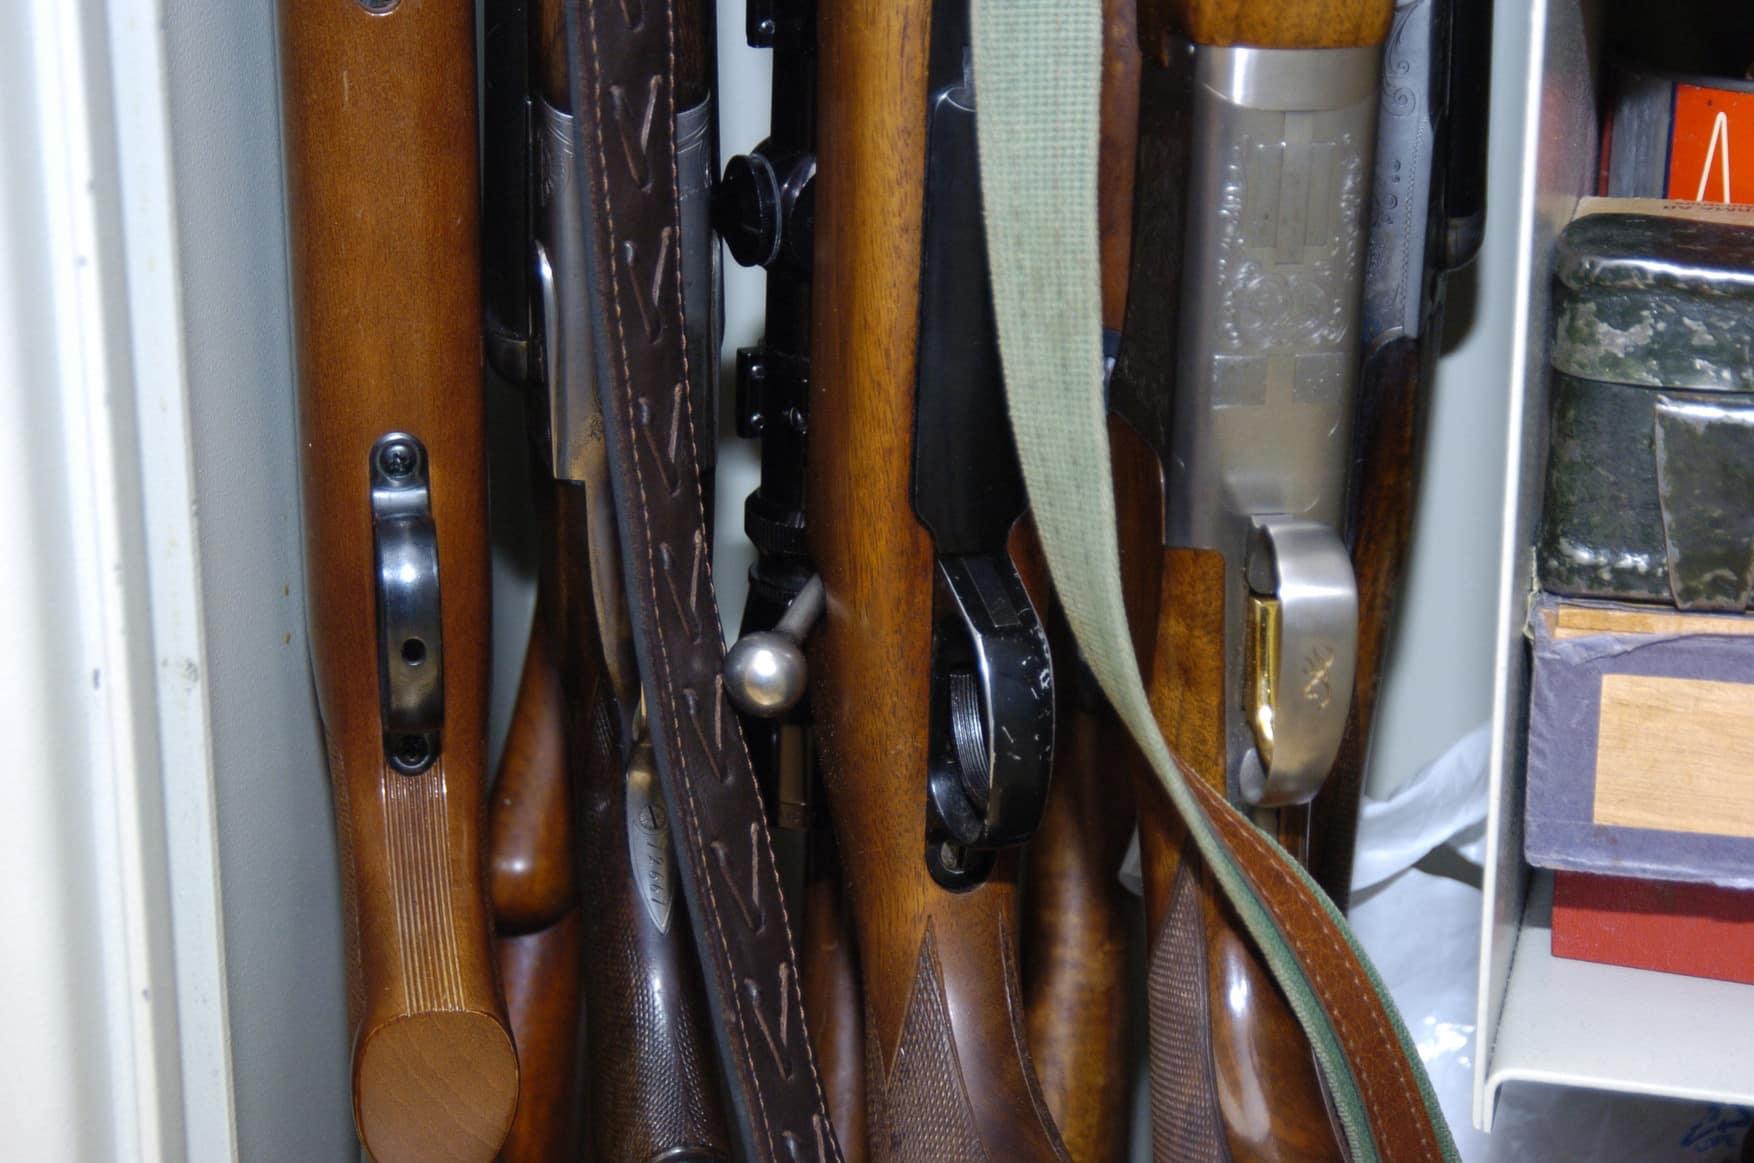 Vapen ska förvaras i godkänt säkerhetsskåp i den egna bostaden. Men undantag kan i vissa fall medges. Om inte av polisen så i varje fall i högre instans, vilket var fallet för den licensansökande Jönköpingsbon. Foto: Jan Henricson